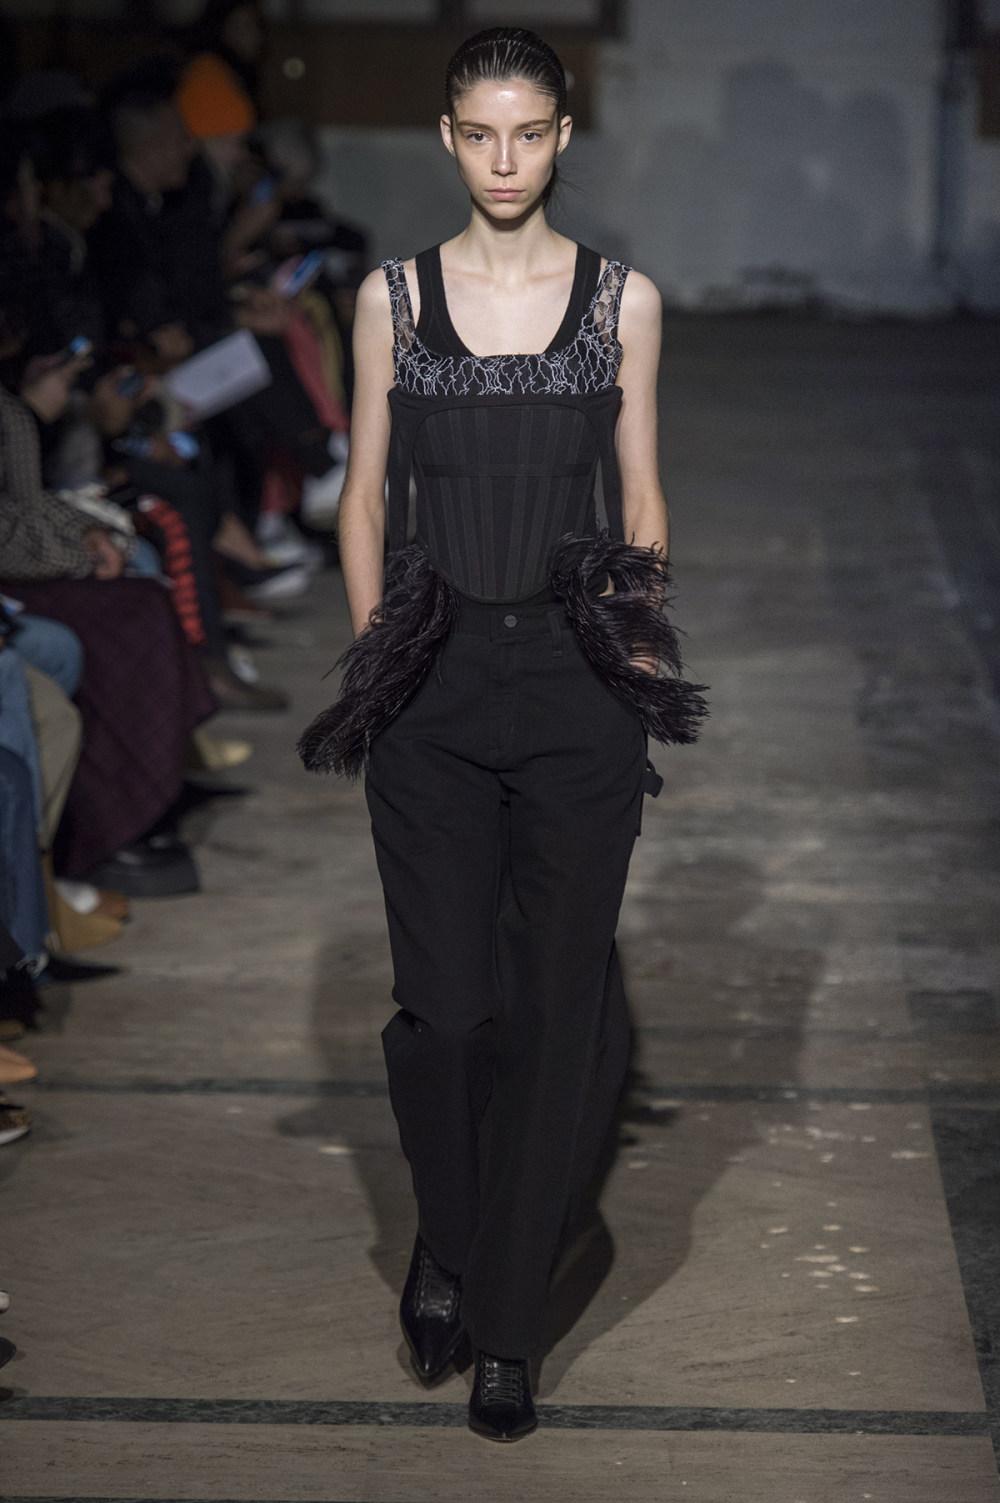 Dion Lee没有紧身衣的连衣裙被聚集或扭曲保持调色板的简约和奢华-35.jpg